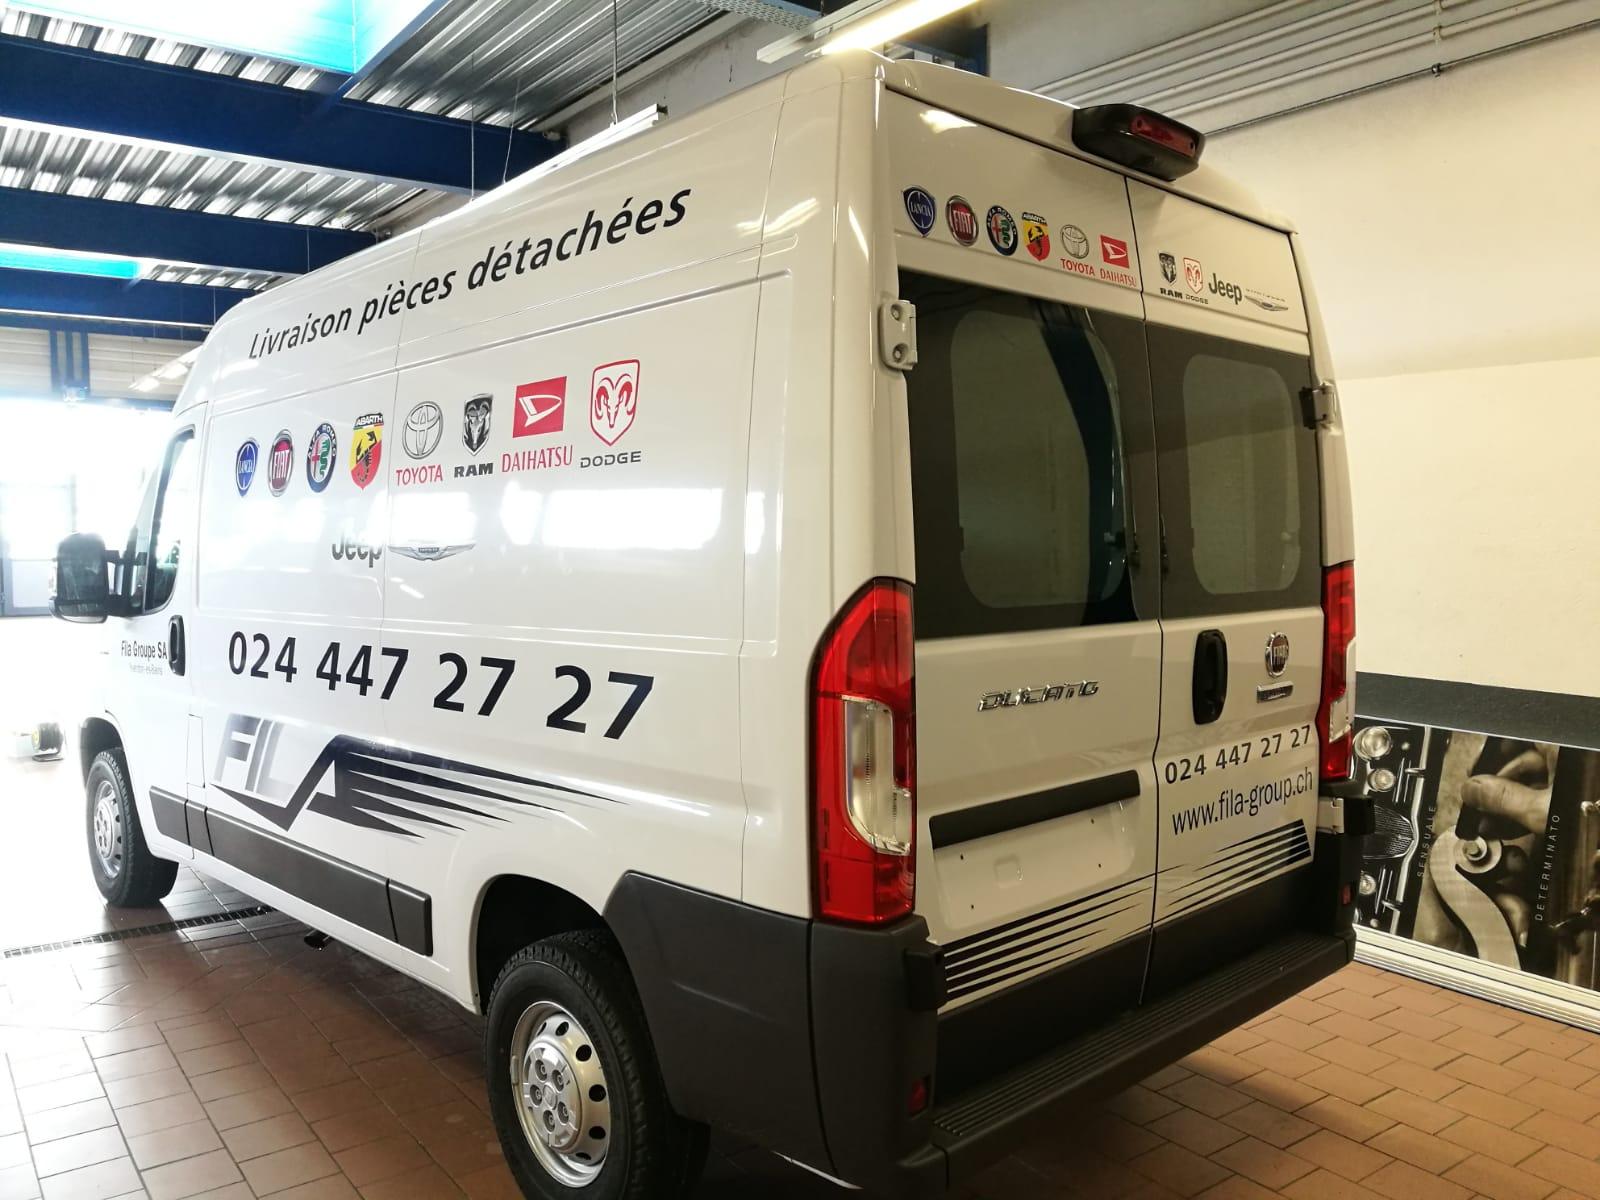 Publicité adhésive sur véhicule utilitaire à Yverdon (1)